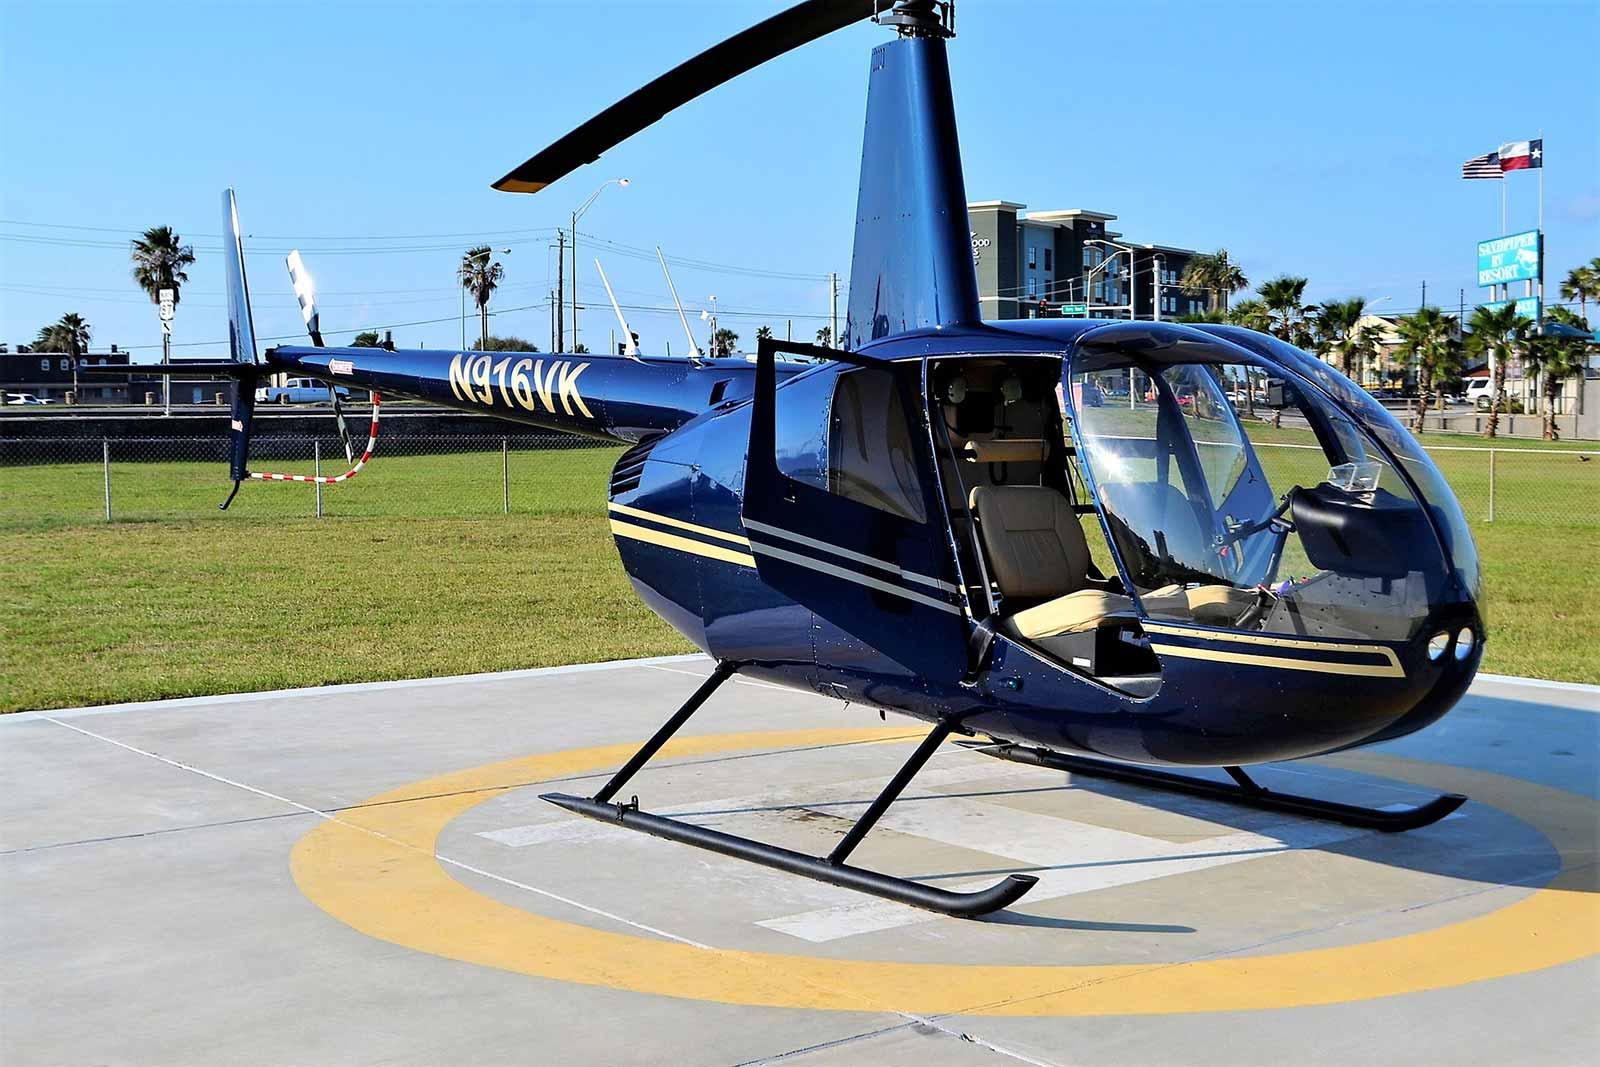 Helikopter-Mallorca-Helikopter-Rundflug-Mallorca-6